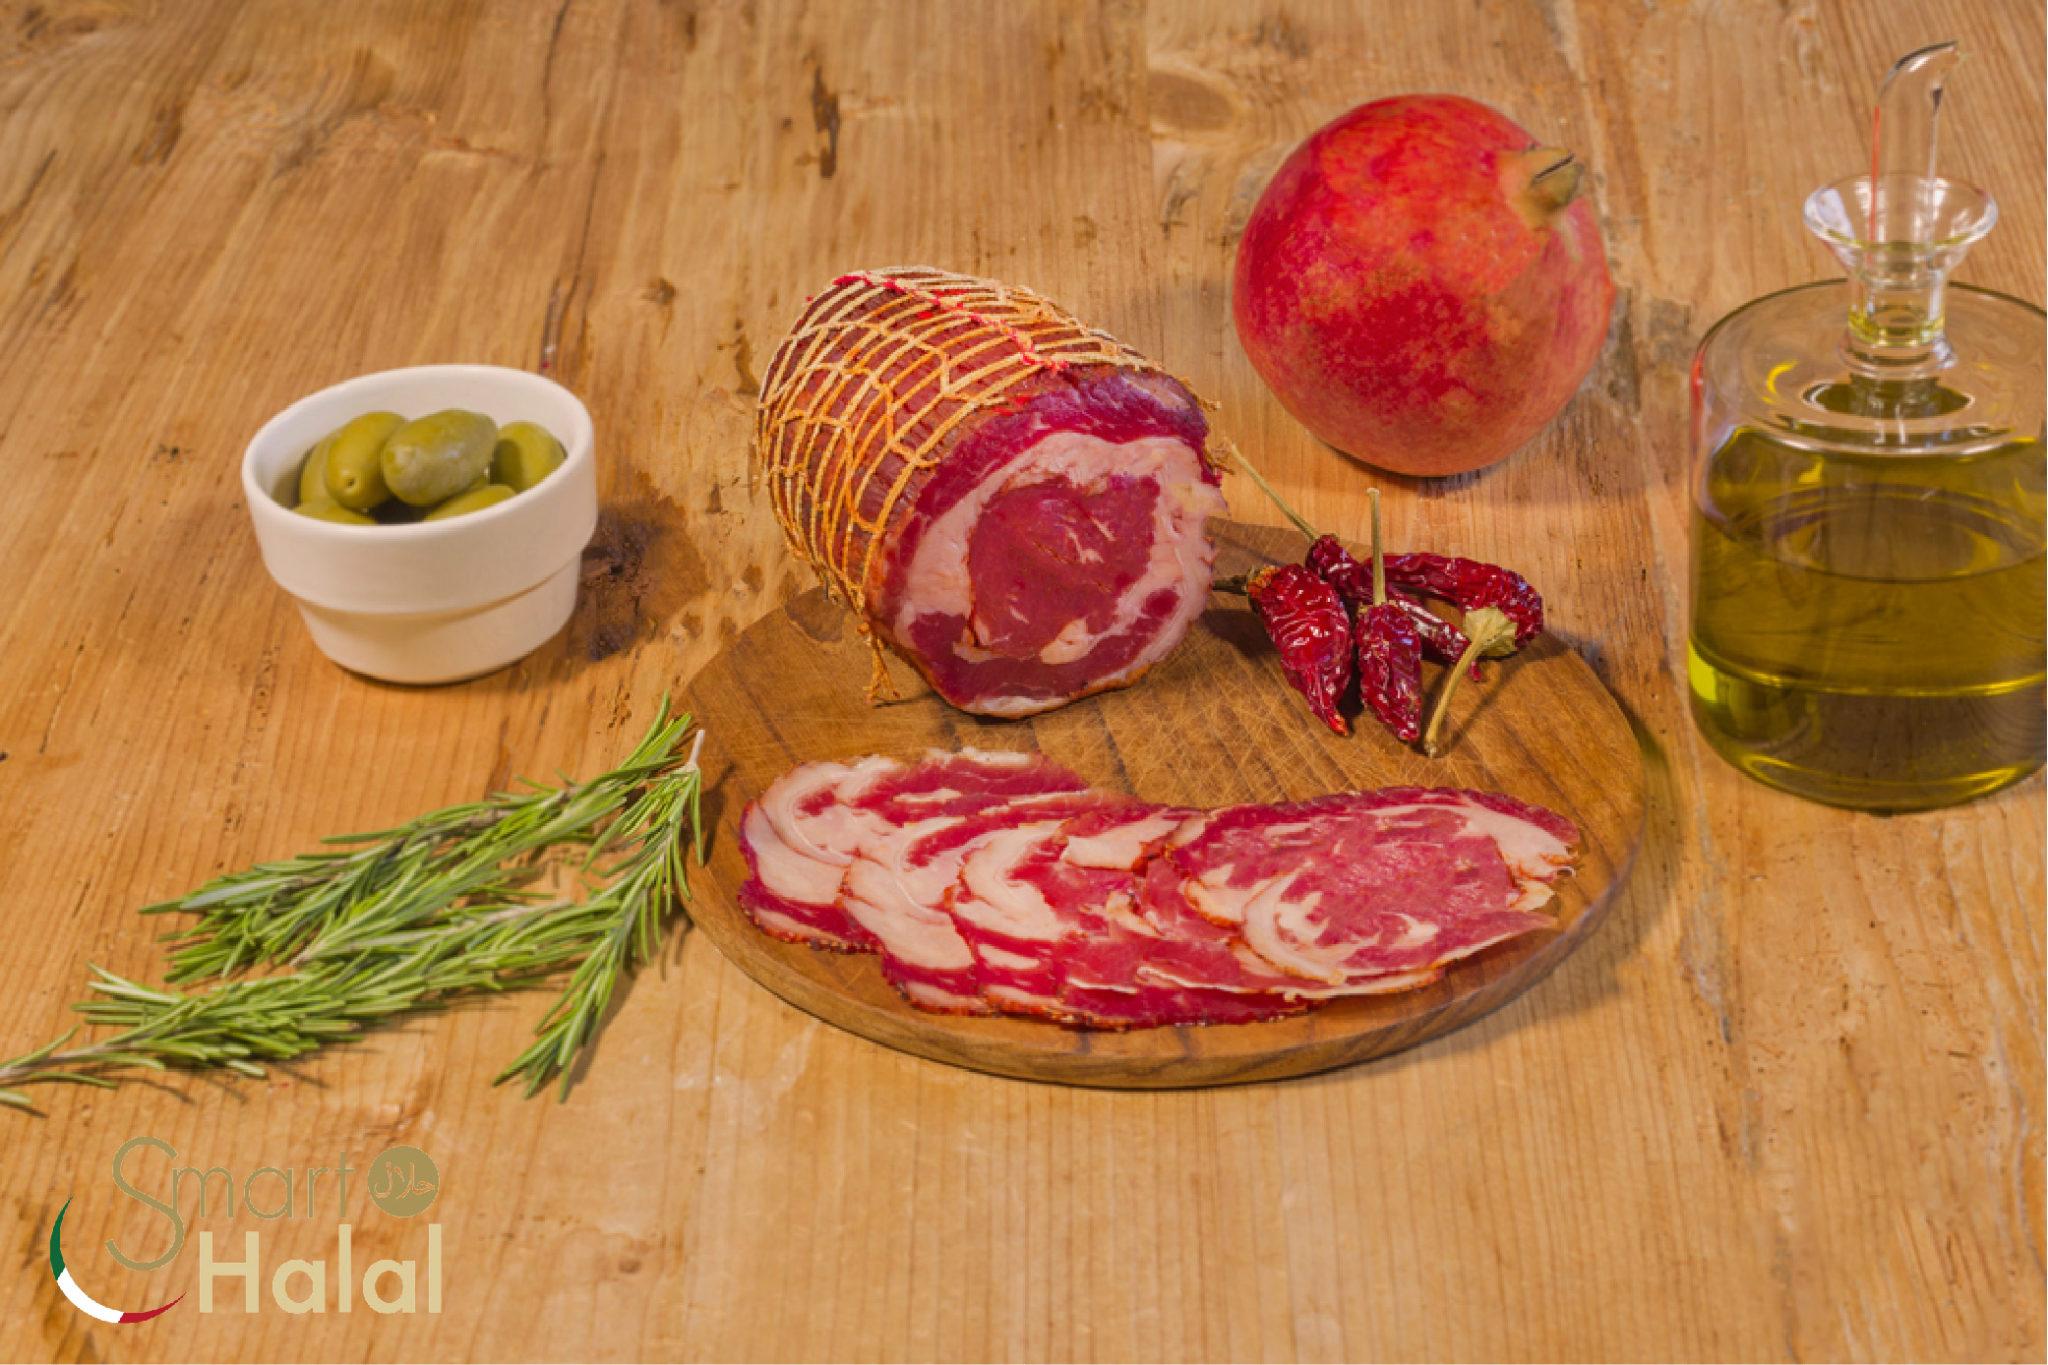 Pancetta Arrotolata Halal